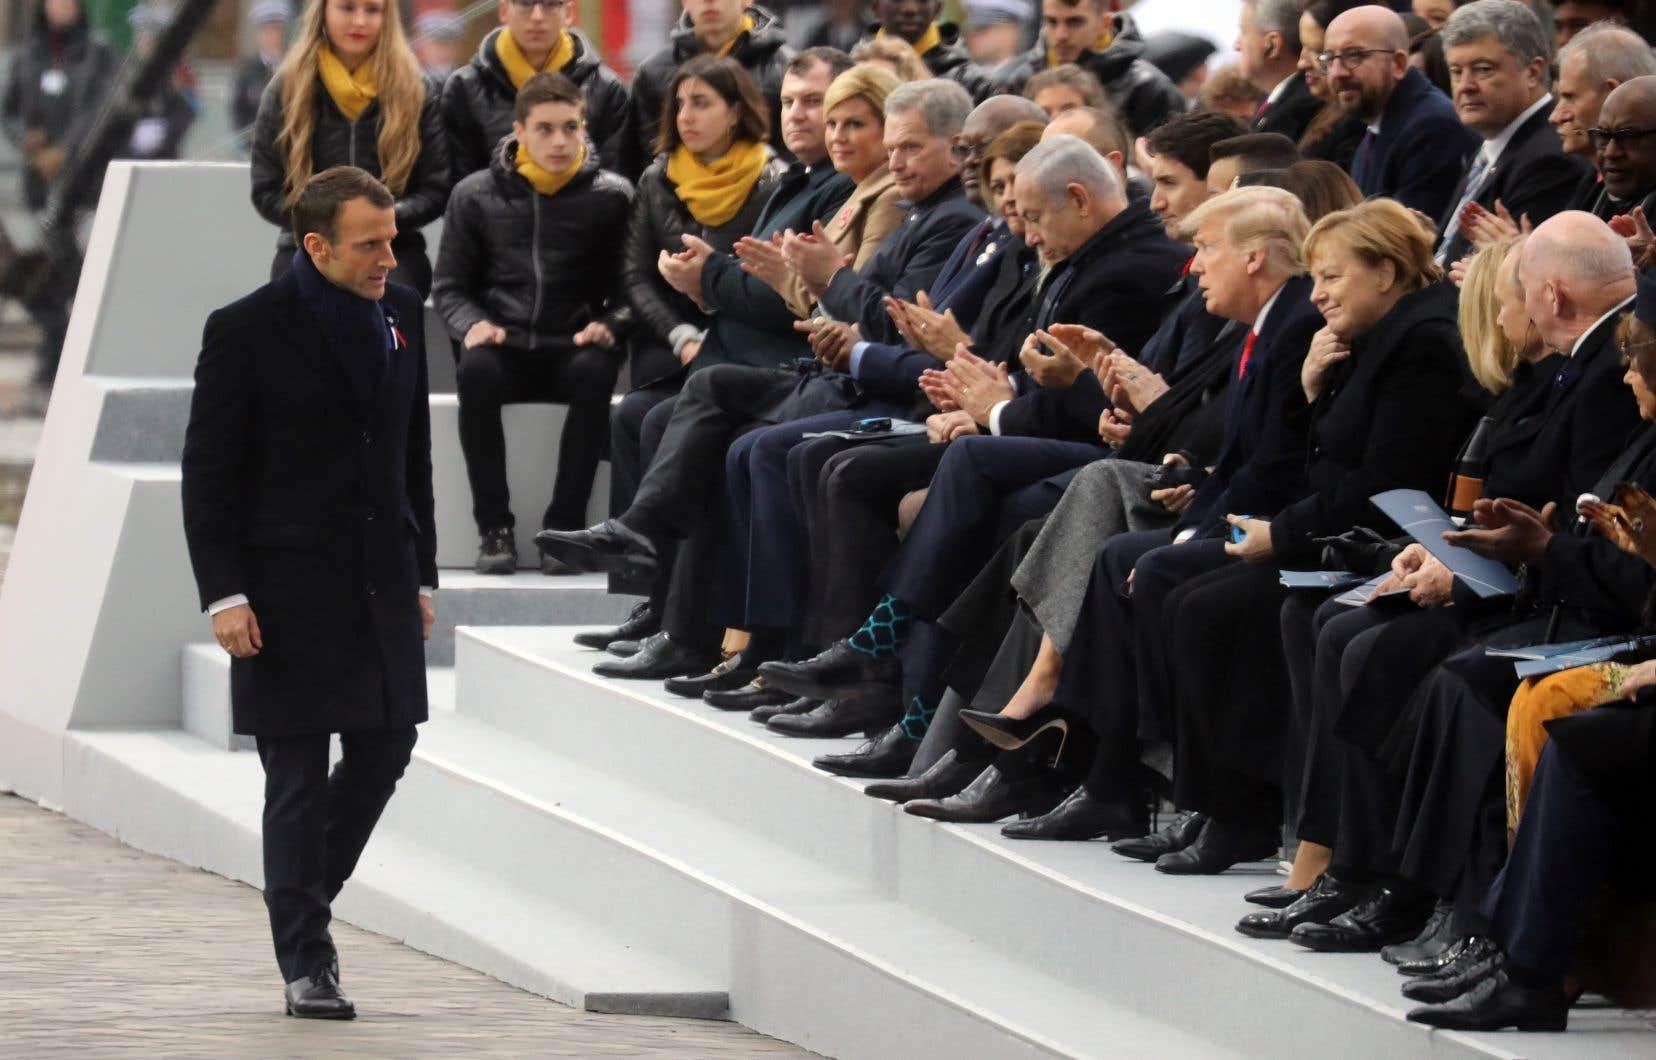 Le président français, Emmanuel Macron, en compagnie des dirigeants mondiaux lors d'une cérémonie à l'Arc de Triomphe à Paris dans le cadre des commémorations du centième anniversaire de l'armistice du 11 novembre 1918, mettant fin à la Première Guerre mondiale.